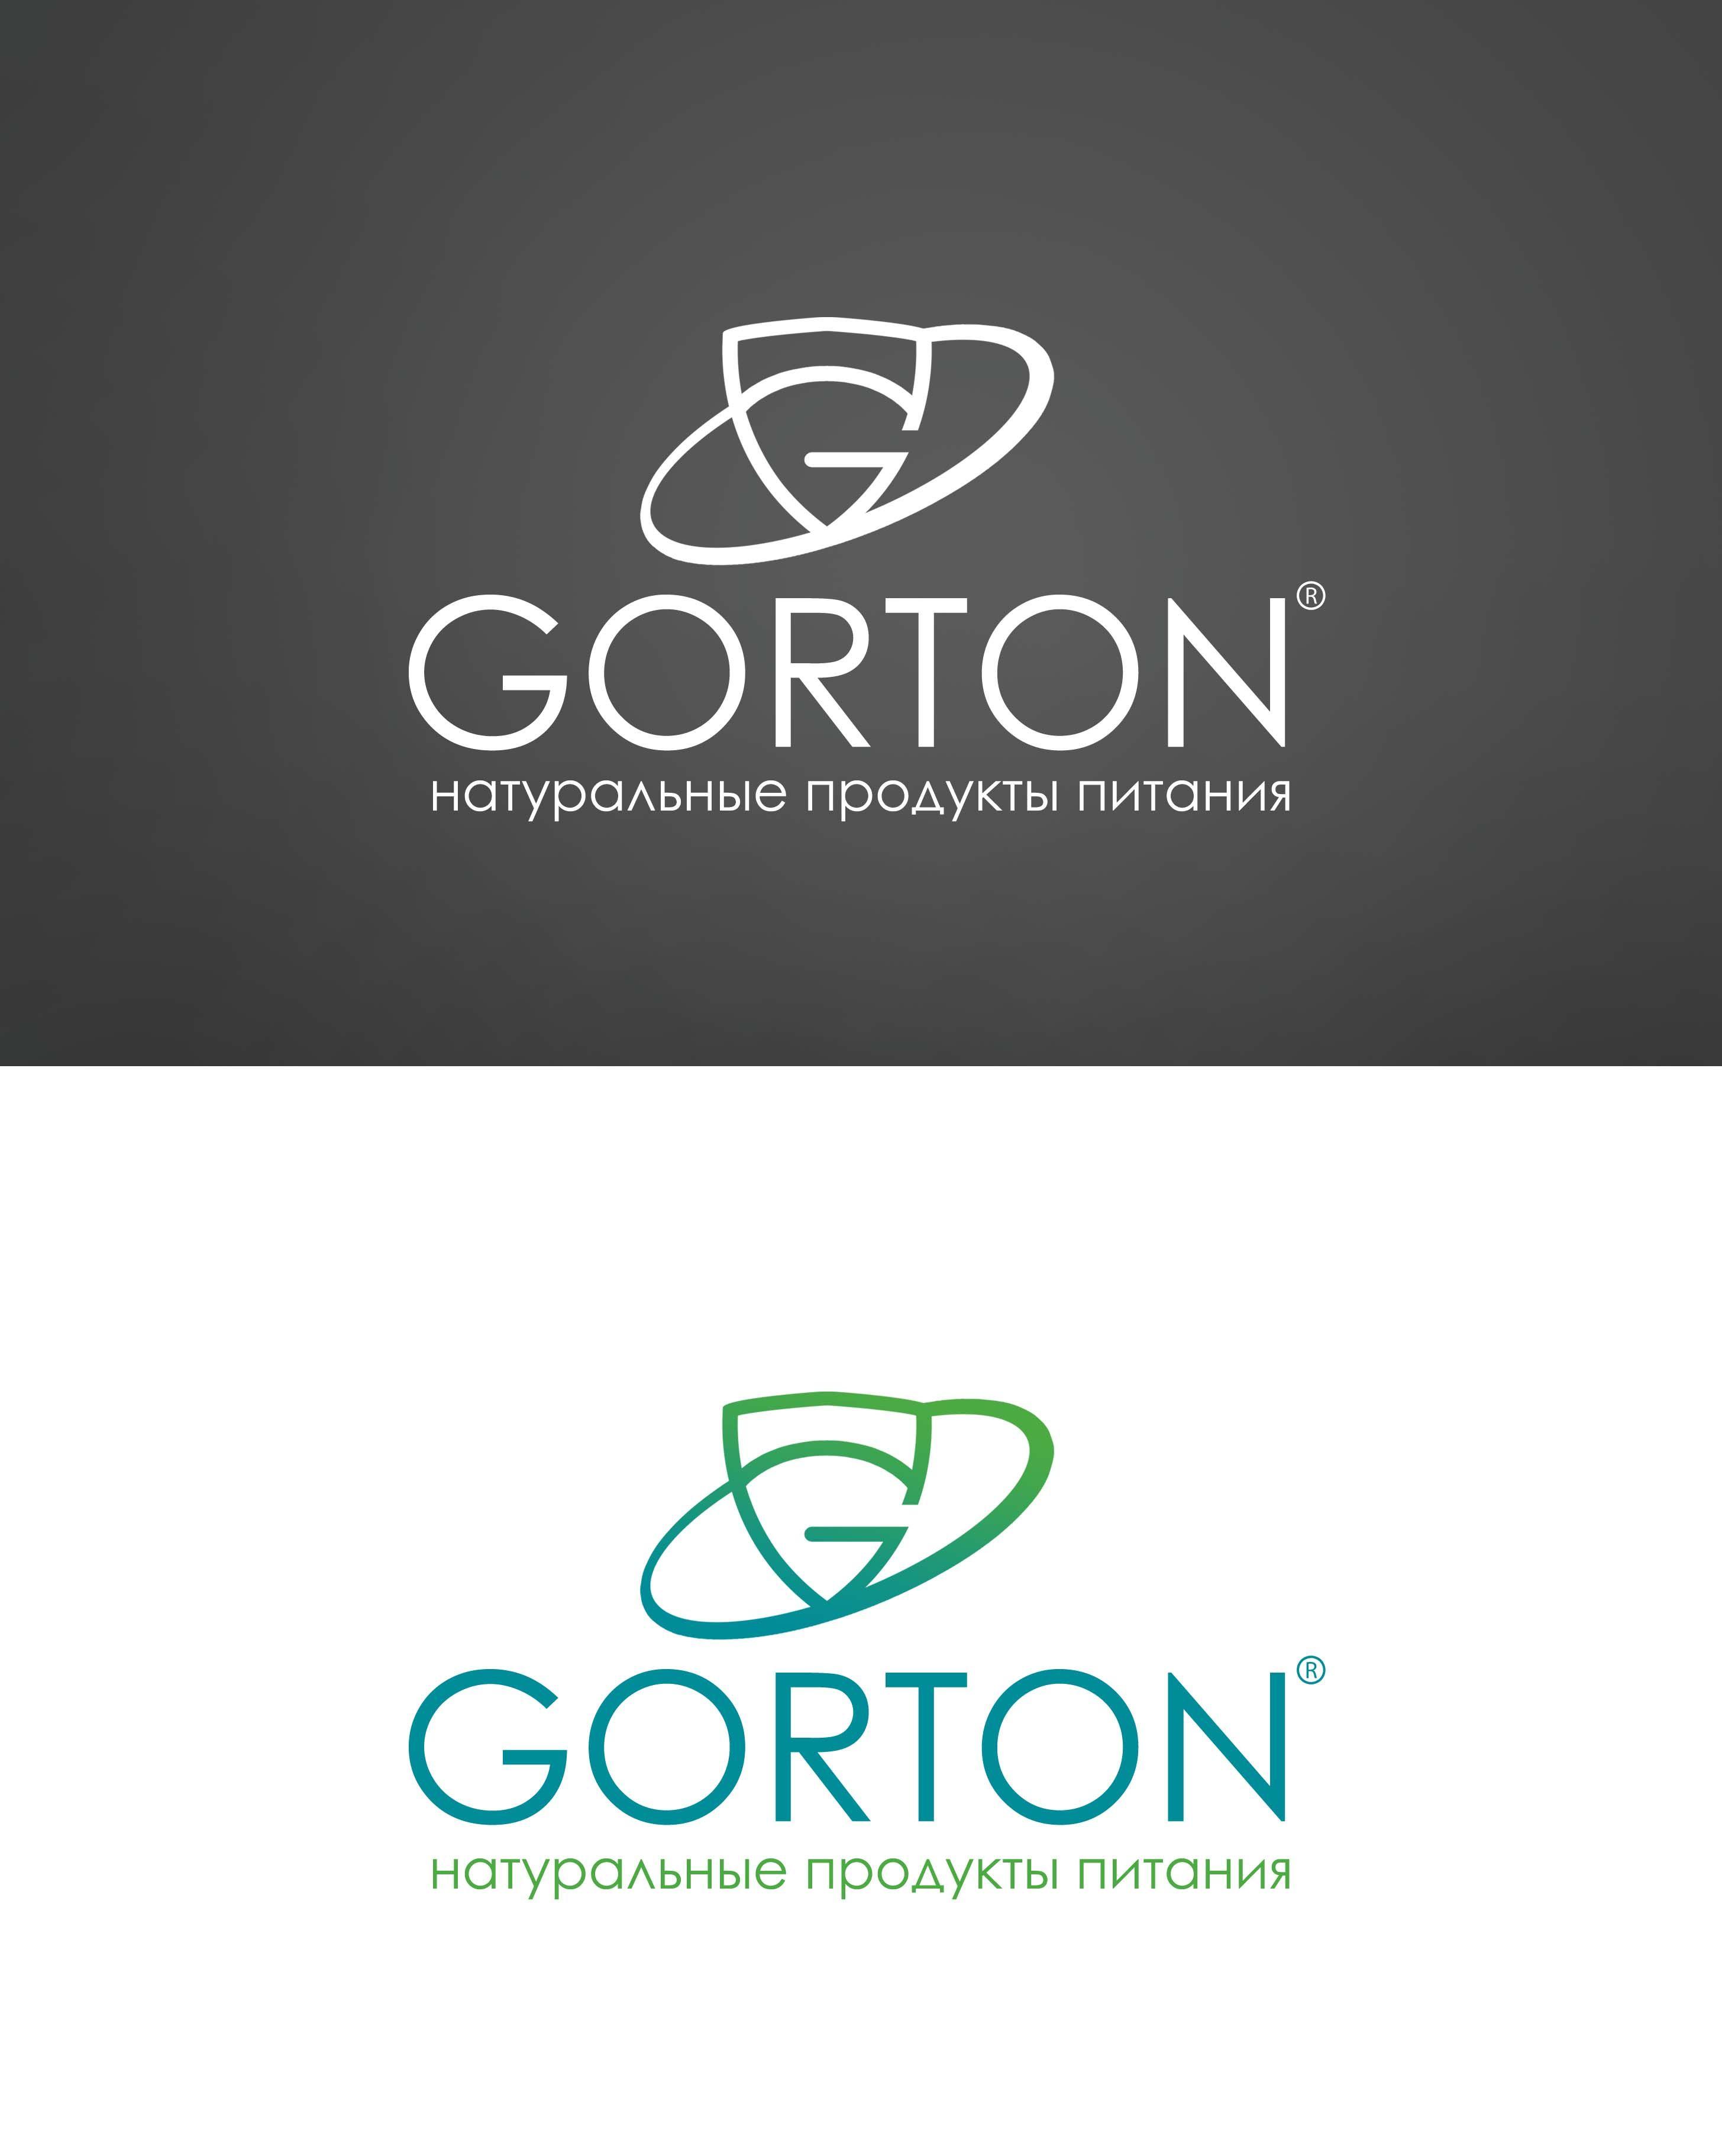 Гортон - дизайнер weste32